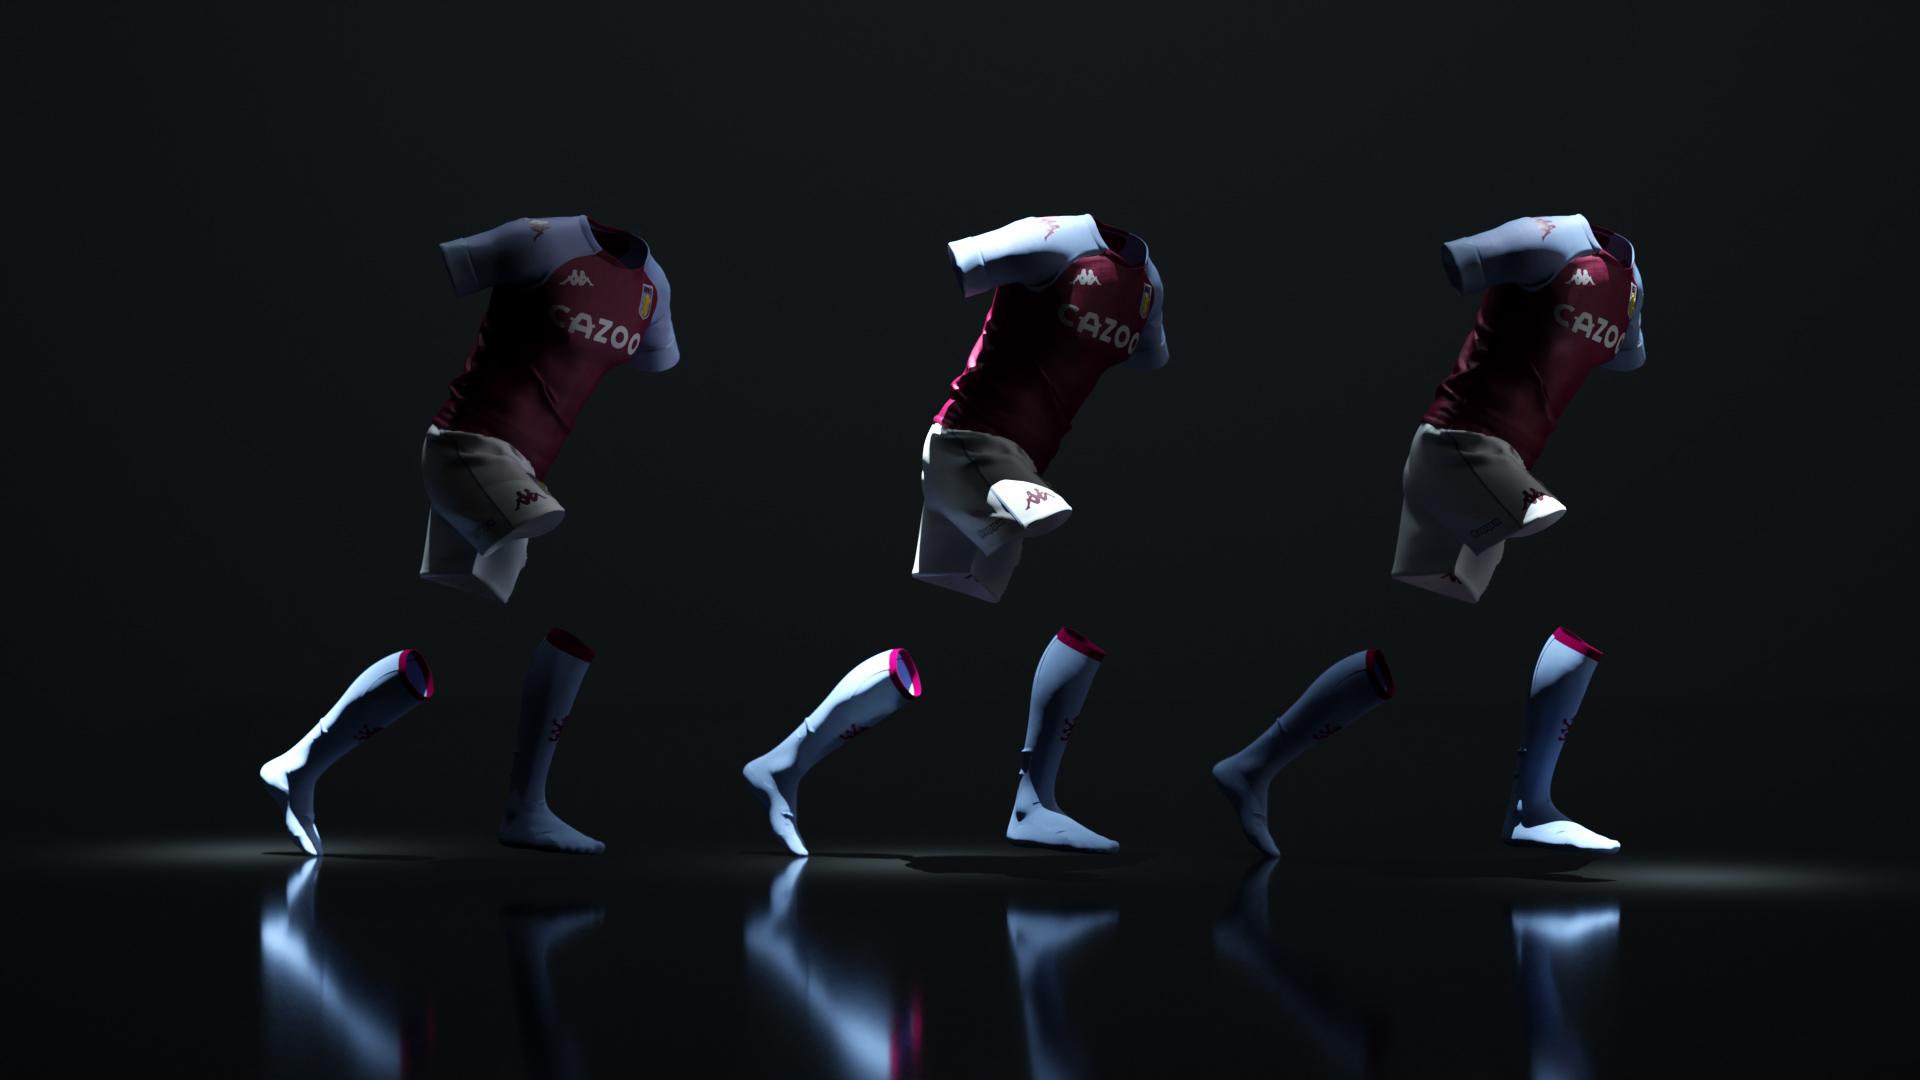 Aston-Villa-Kit-Launch-Animation-06